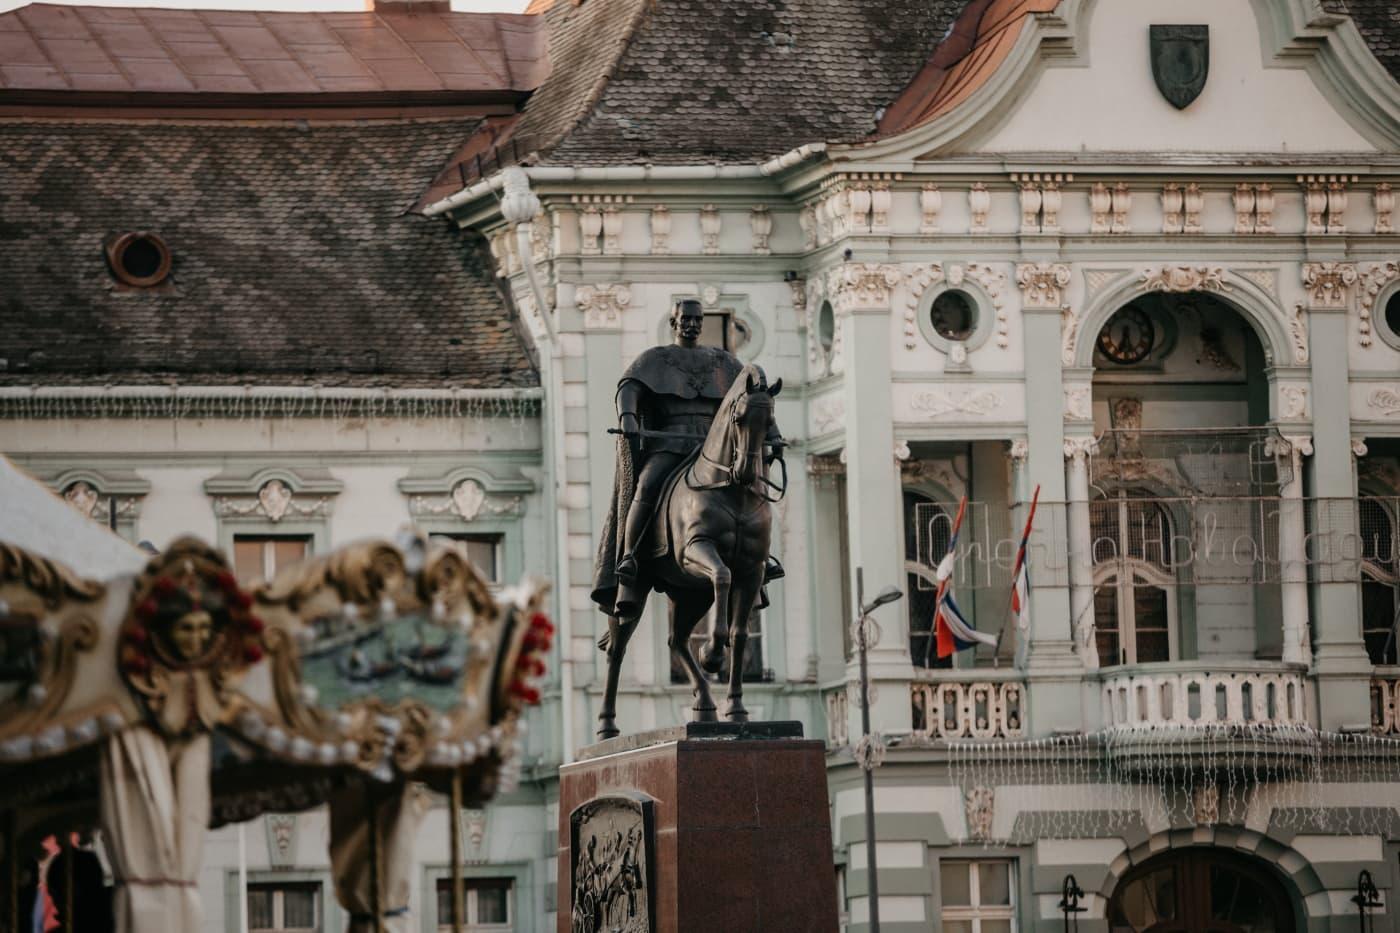 centro de la ciudad, escultura, Bronce, área urbana de, calle, Memorial, estatua de, monumento, construcción, fachada